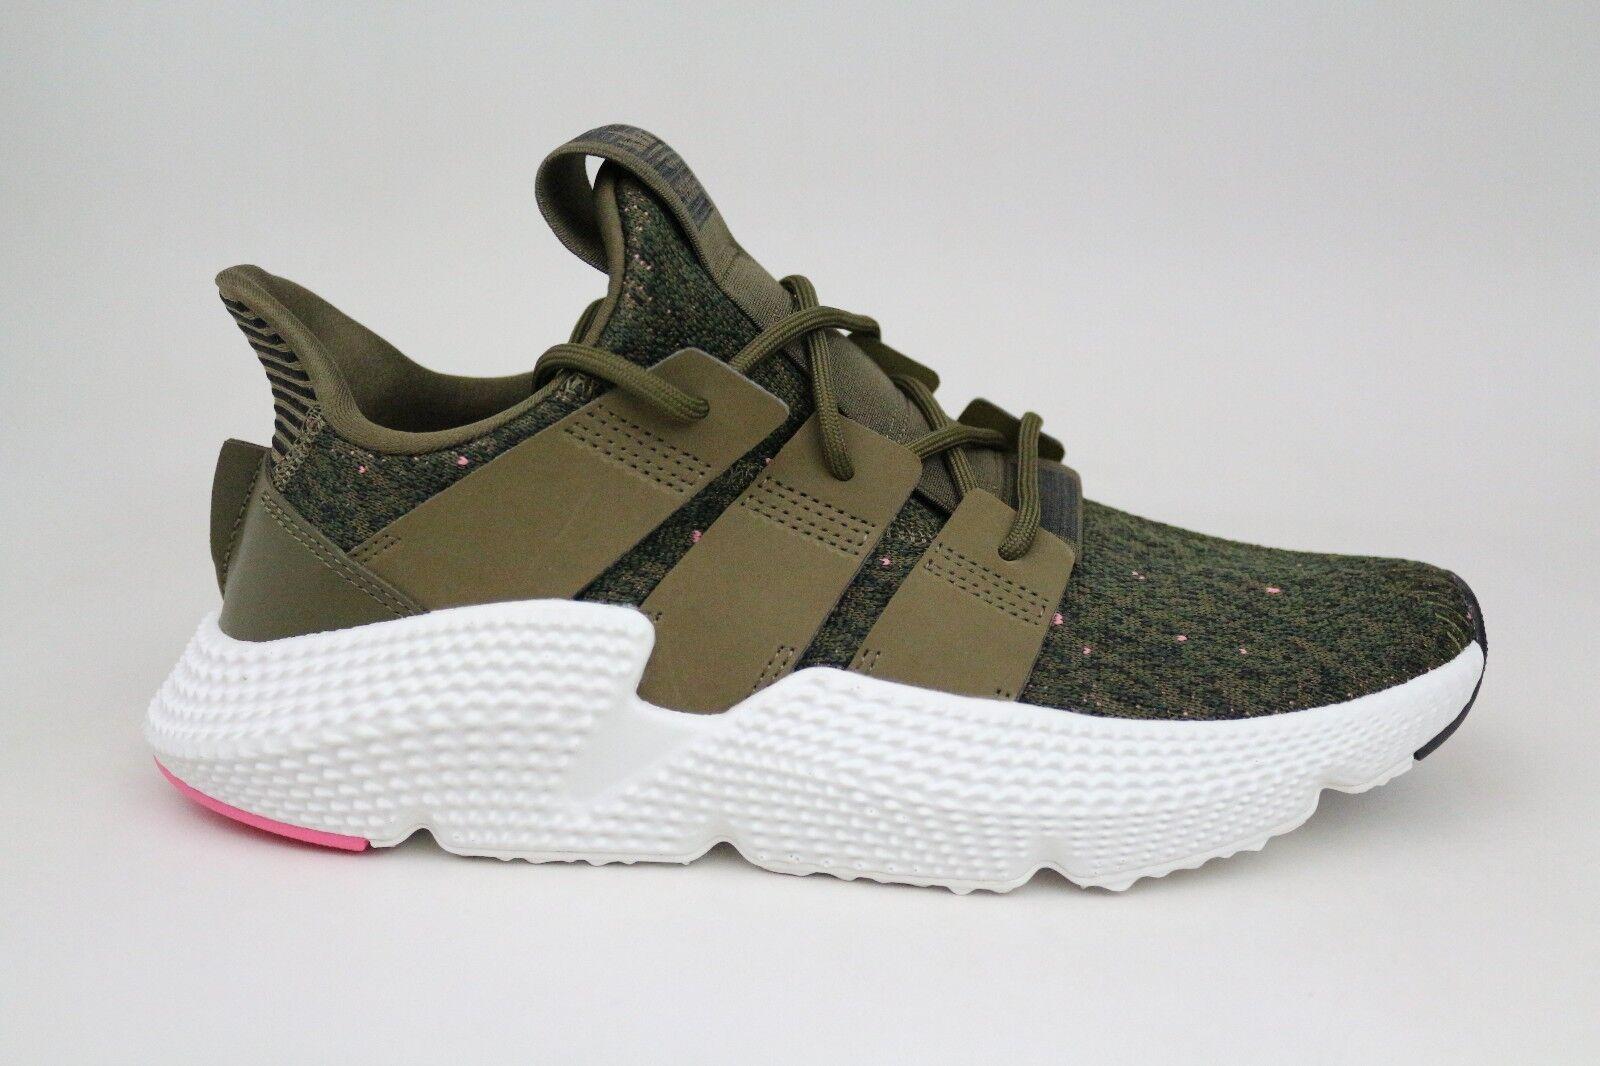 Adidas Originals Sneakers Prophere Trace Olive Chalk Pink Mens Sneakers Originals CQ3024 1801-31 bbaf3b